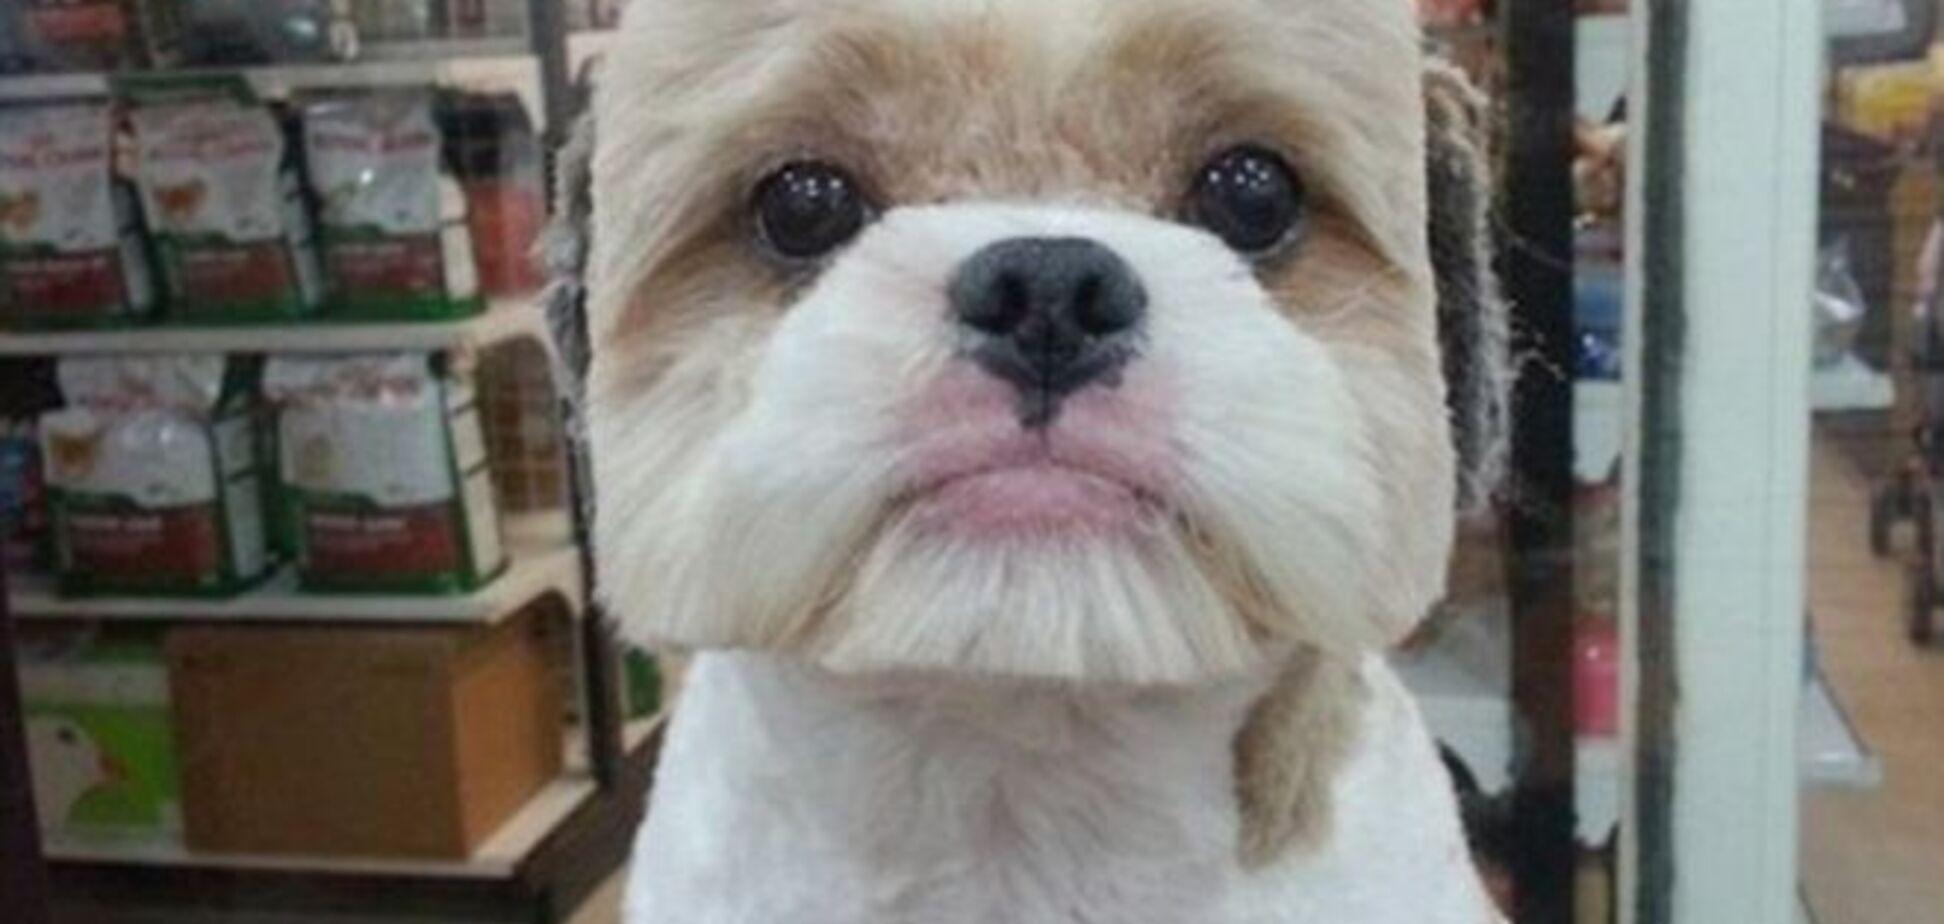 Тайванцы делают собакам квадратные прически, чтобы они стали звездами соцсетей